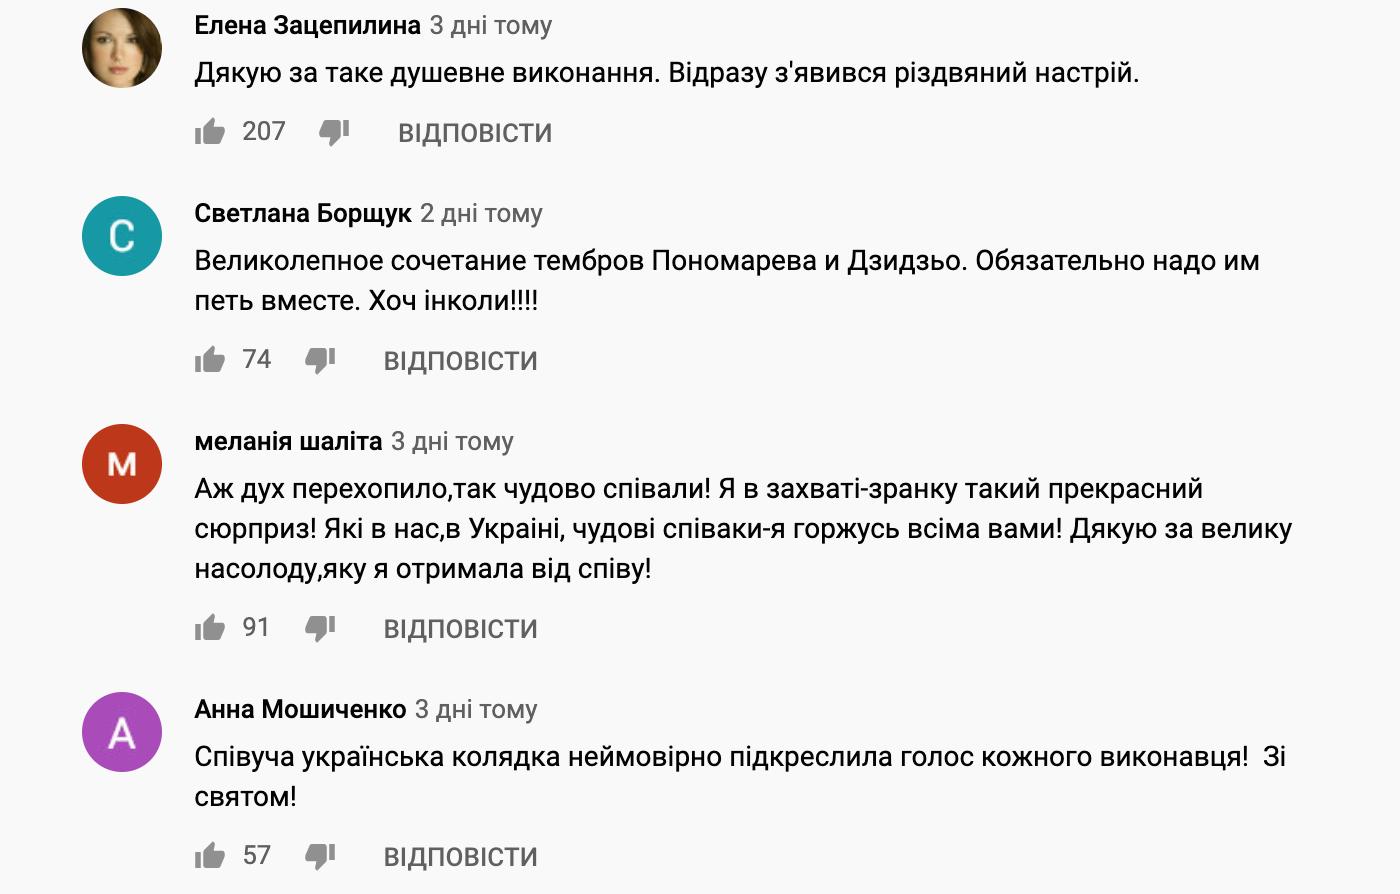 Пользователи расхвалили колядку в исполнении украинских звезд